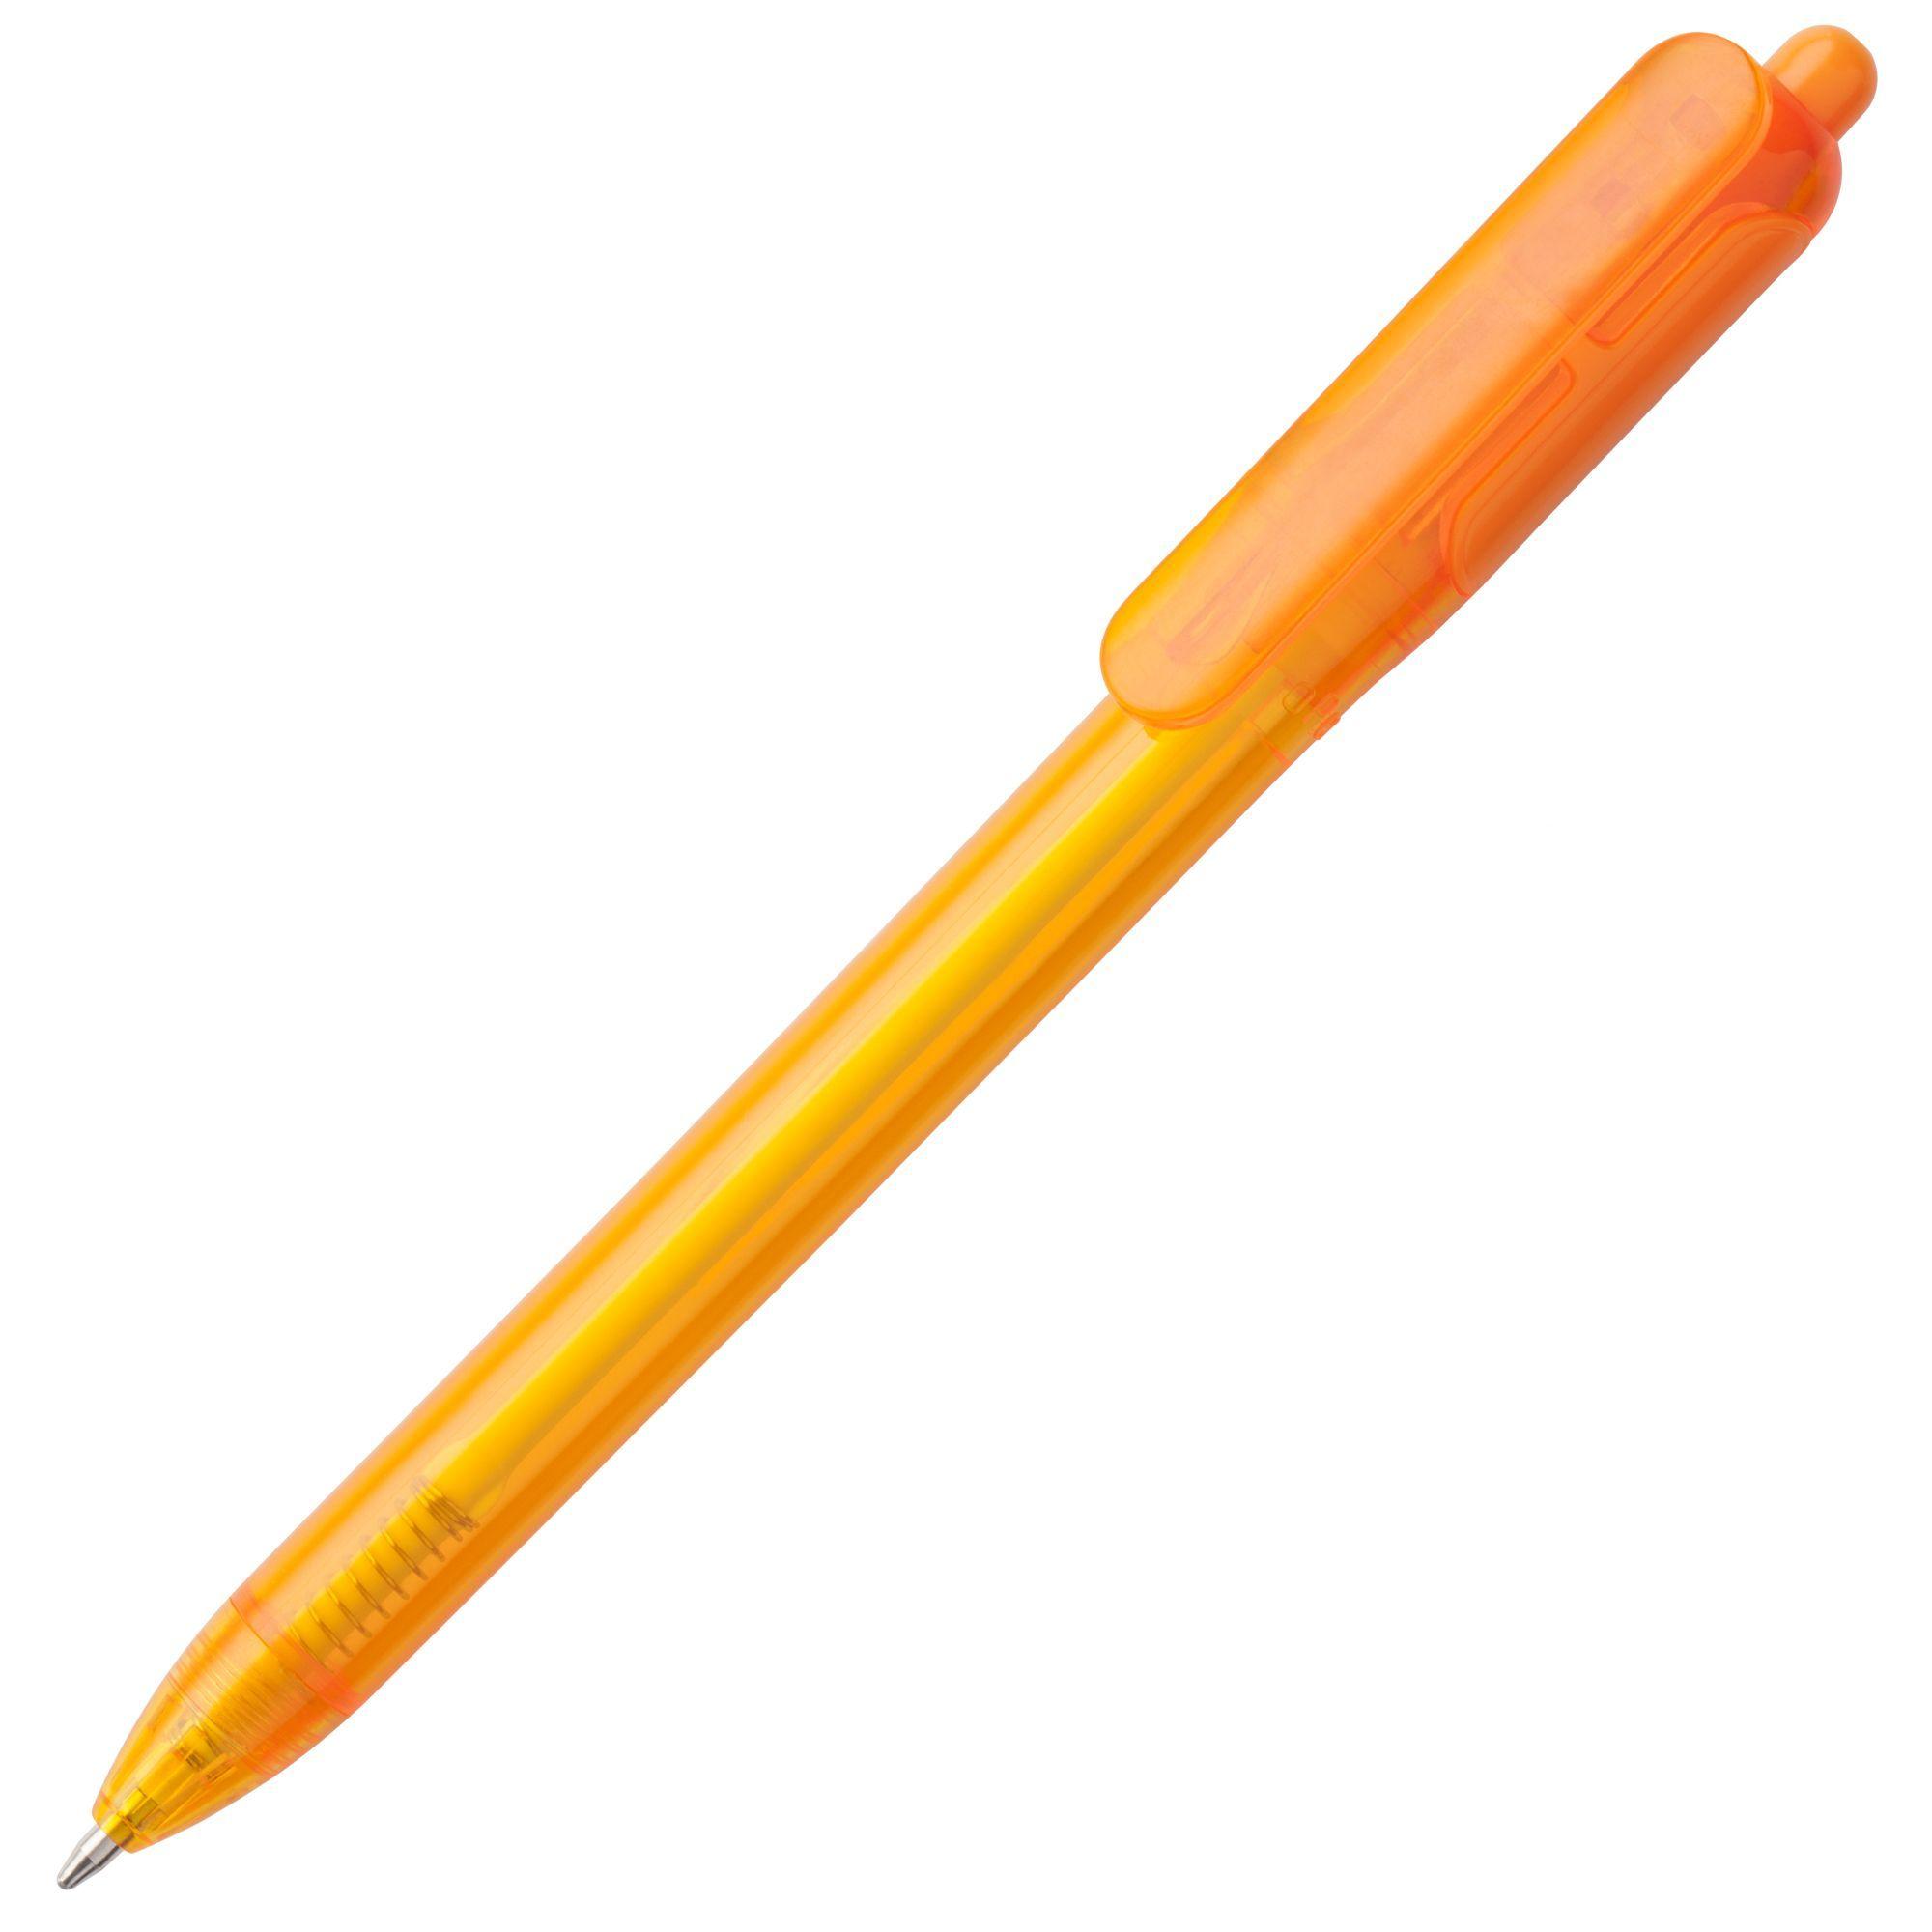 Ручка шариковая Bolide Transparent